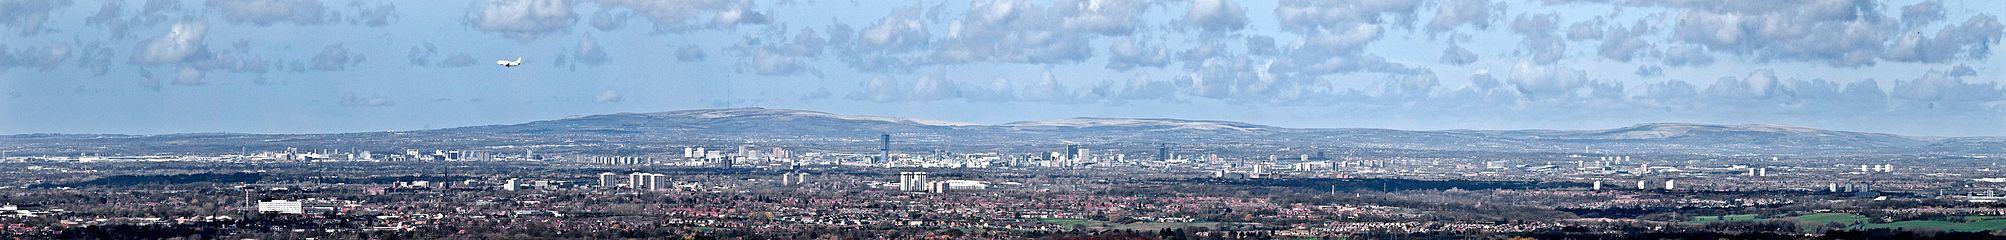 Greater Manchester.jpg